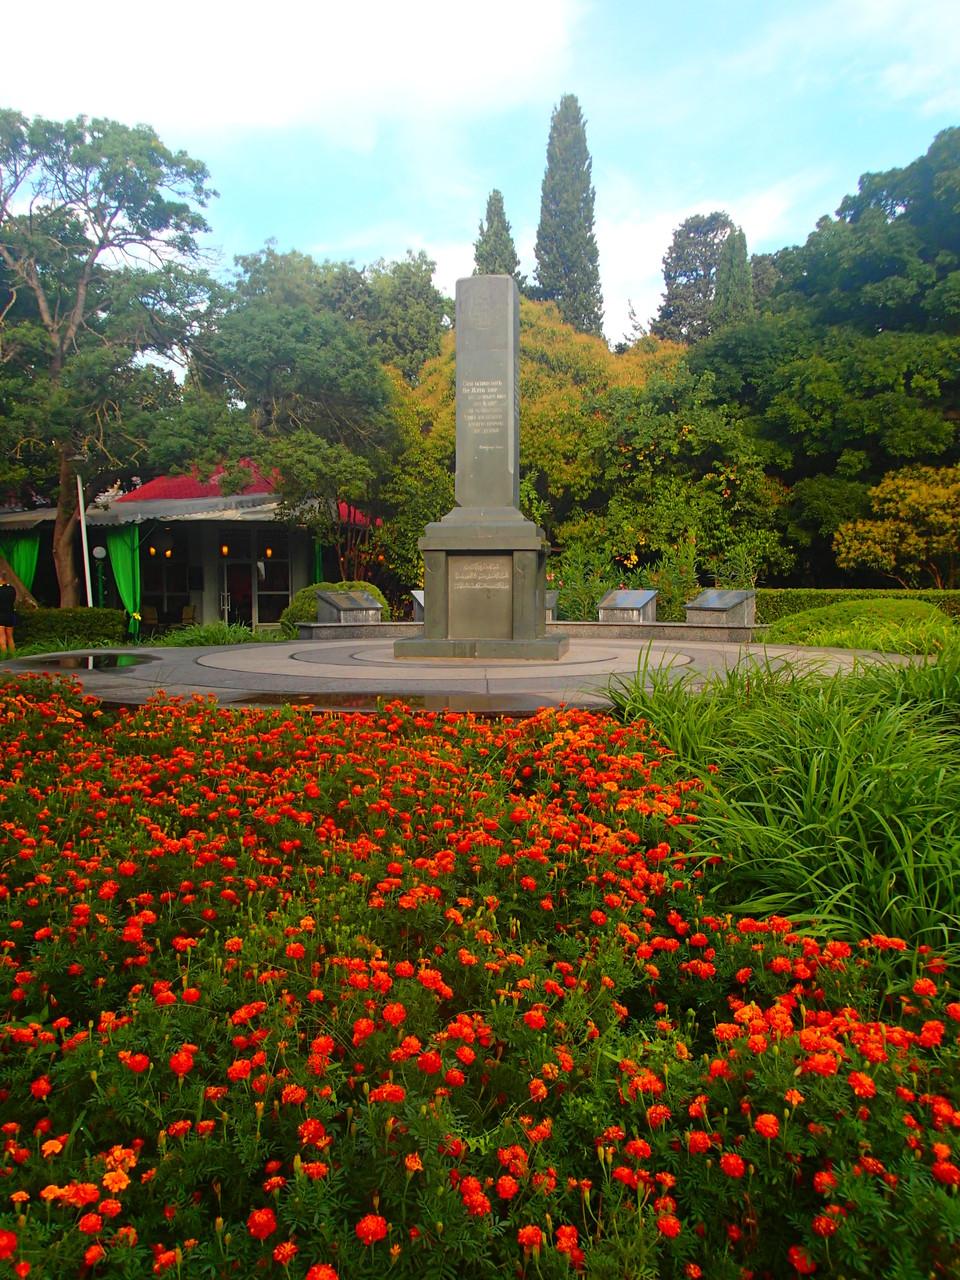 In Yalta findet sich ein Denkmal für die Tataren, die im zweiten Weltkrieg deportiert wurden